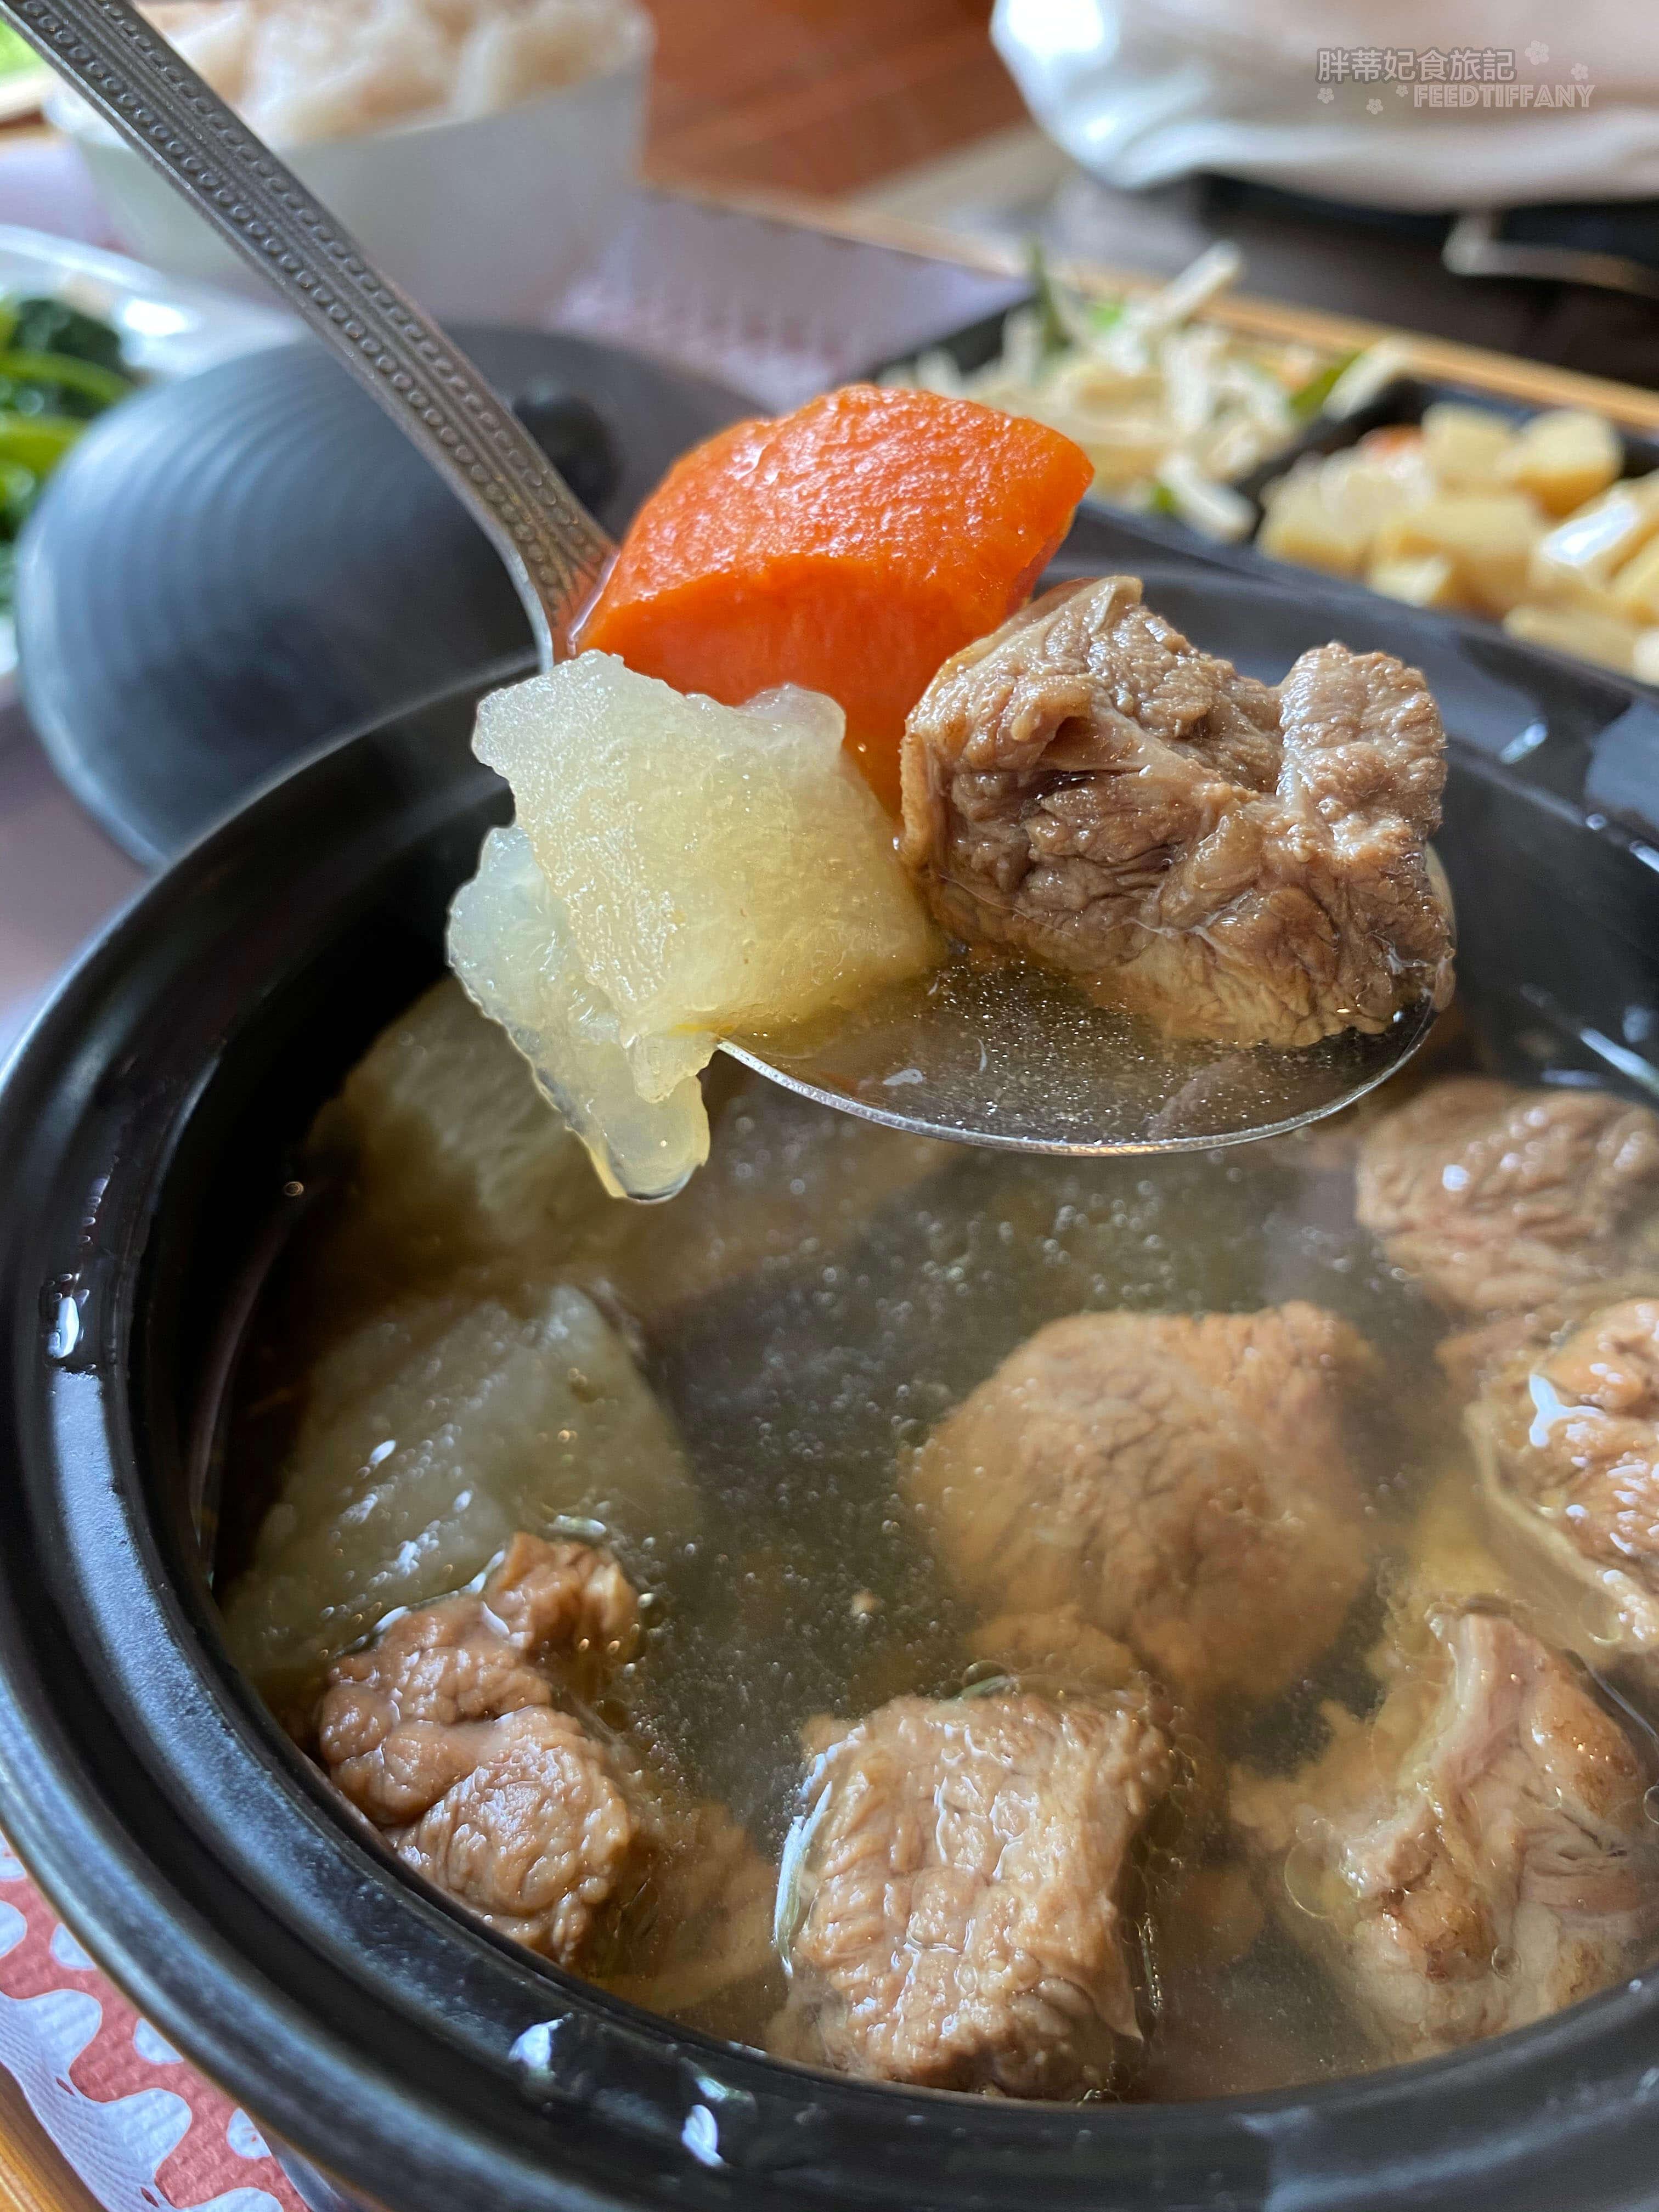 田寮農莊 經典菜色清燉牛肉